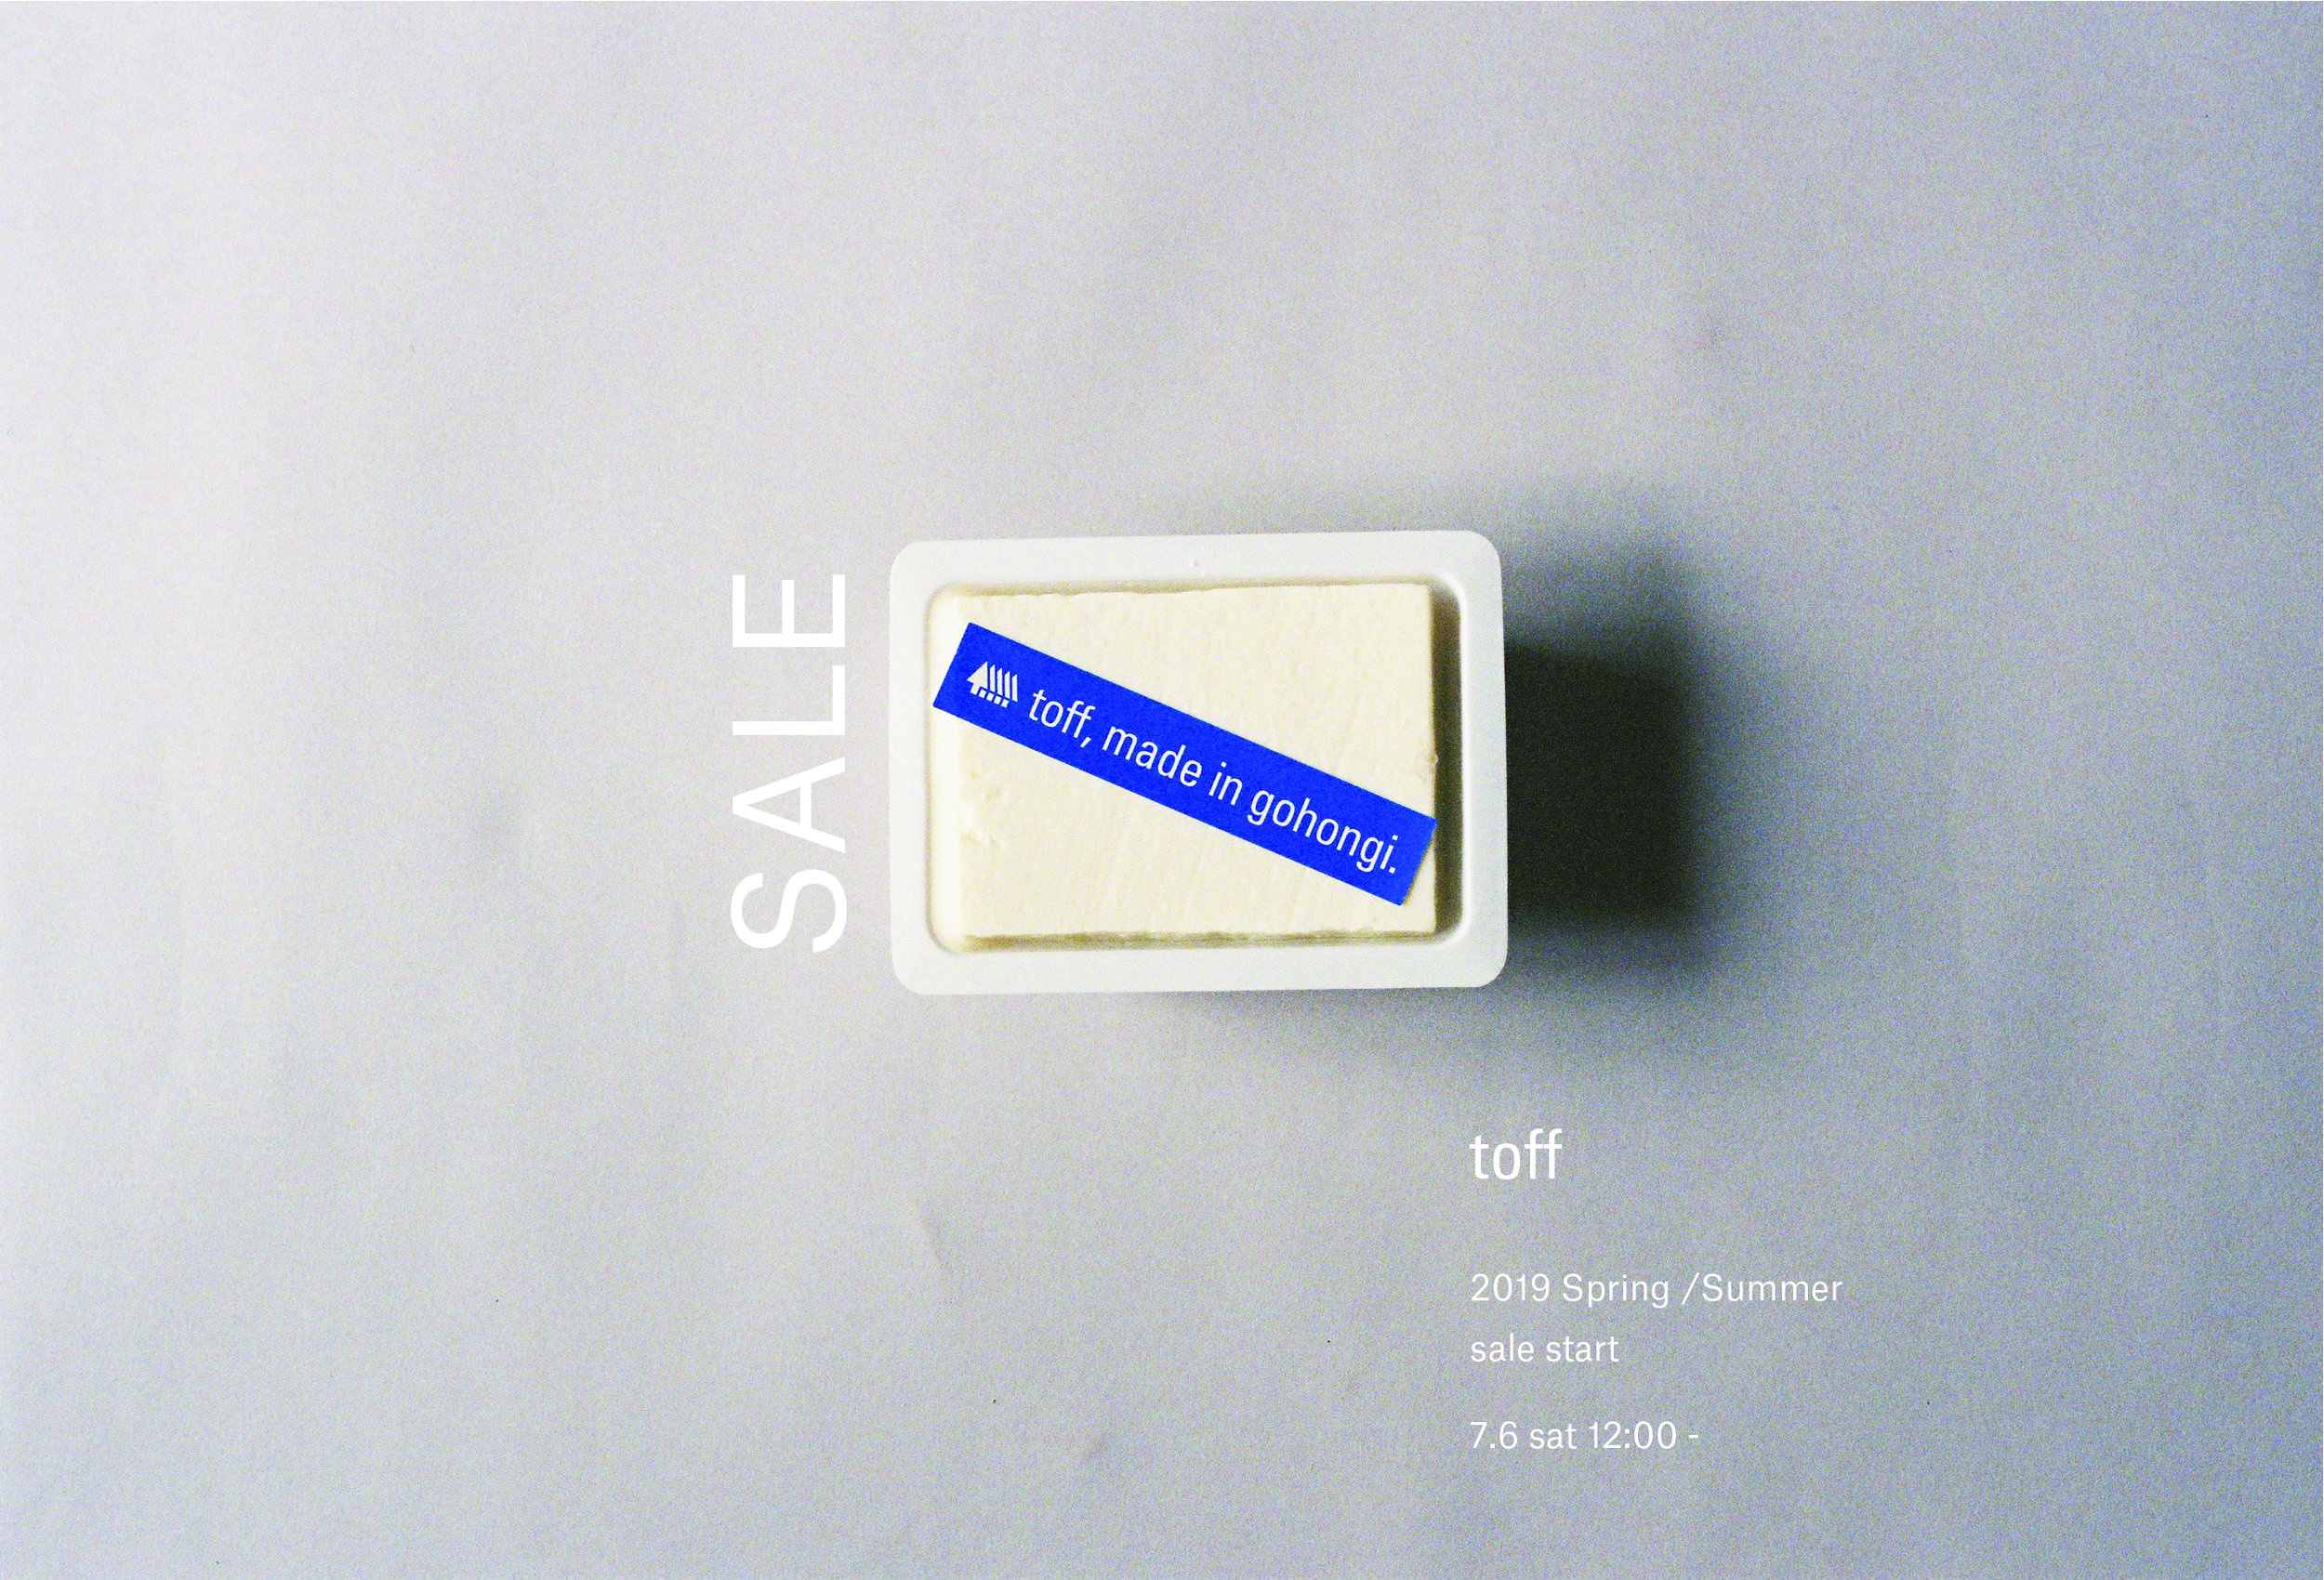 toff sale1.jpg